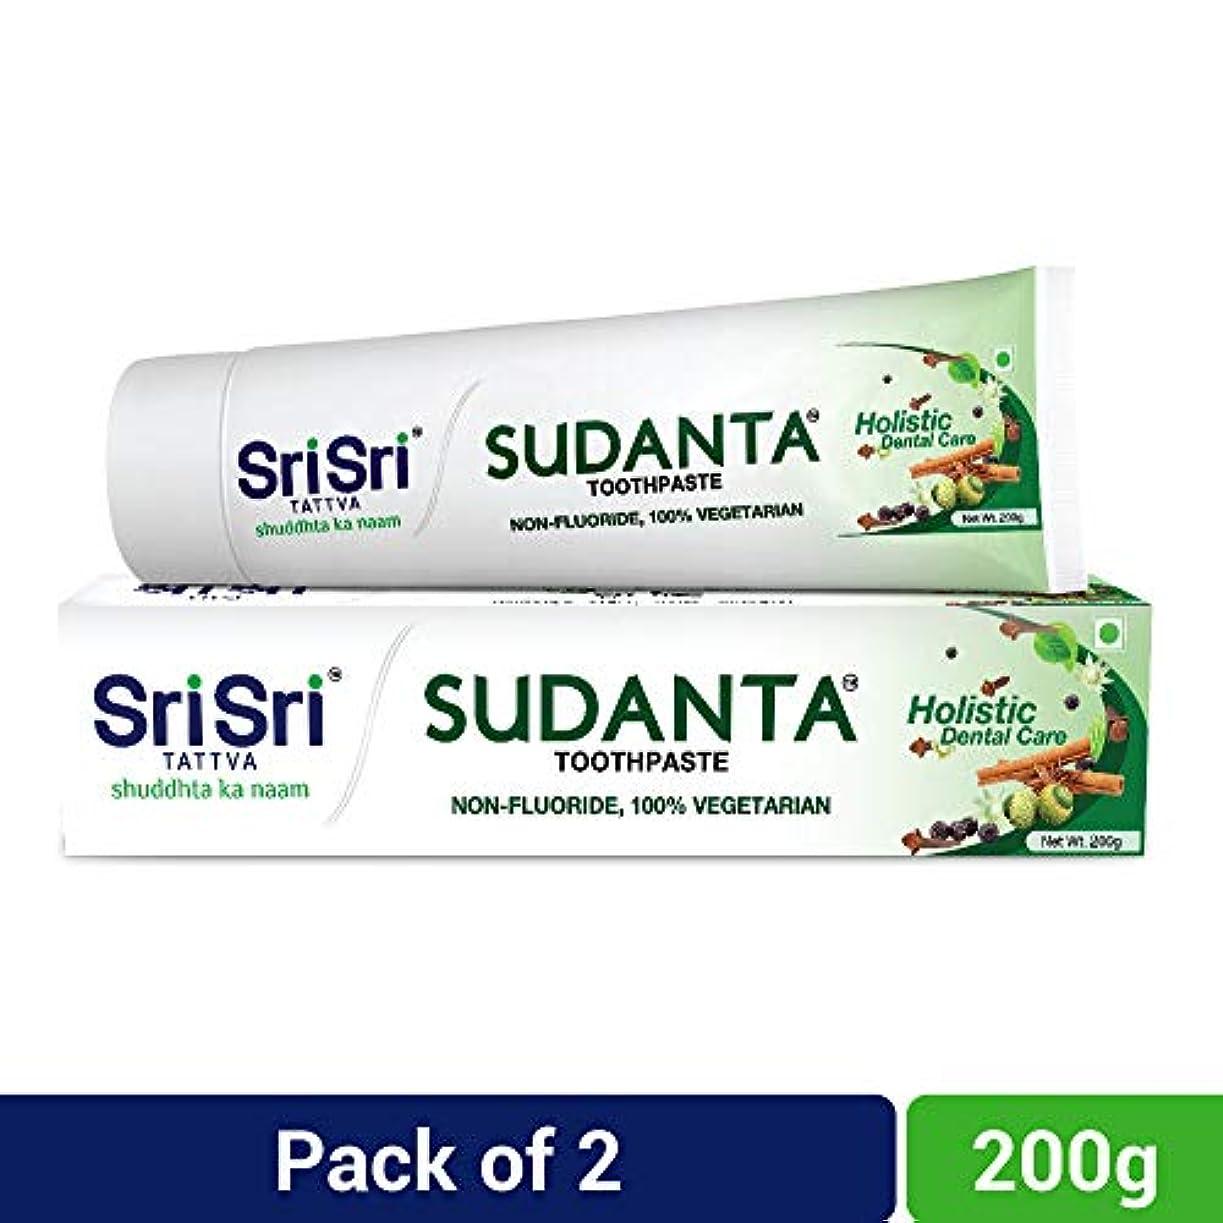 Sri Sri Tattva Sudanta Toothpaste (200 g) Pack of 2